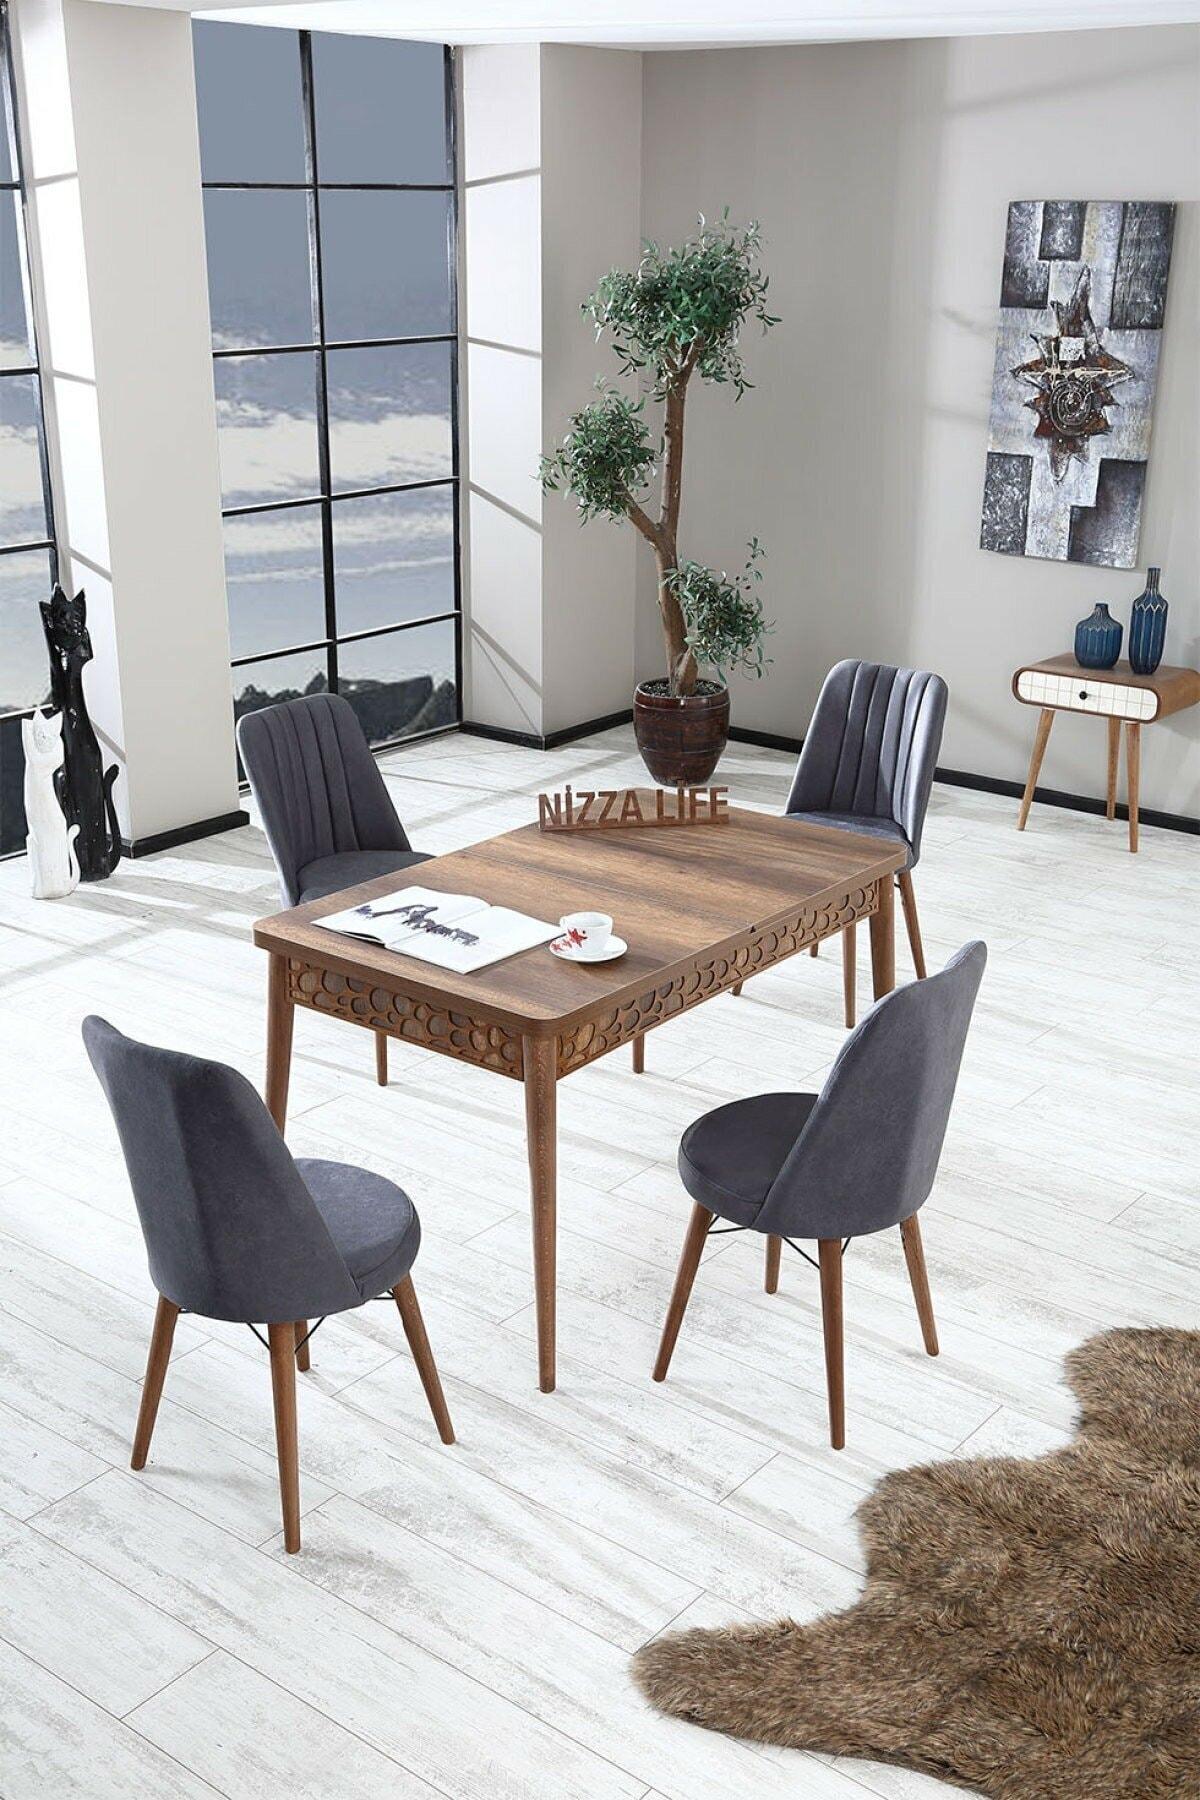 Nossa Mini Barok Ceviz Yemek Masası Mutfak Masası Açılır Masa Takımı 4 Sandanyeli - Antrasit